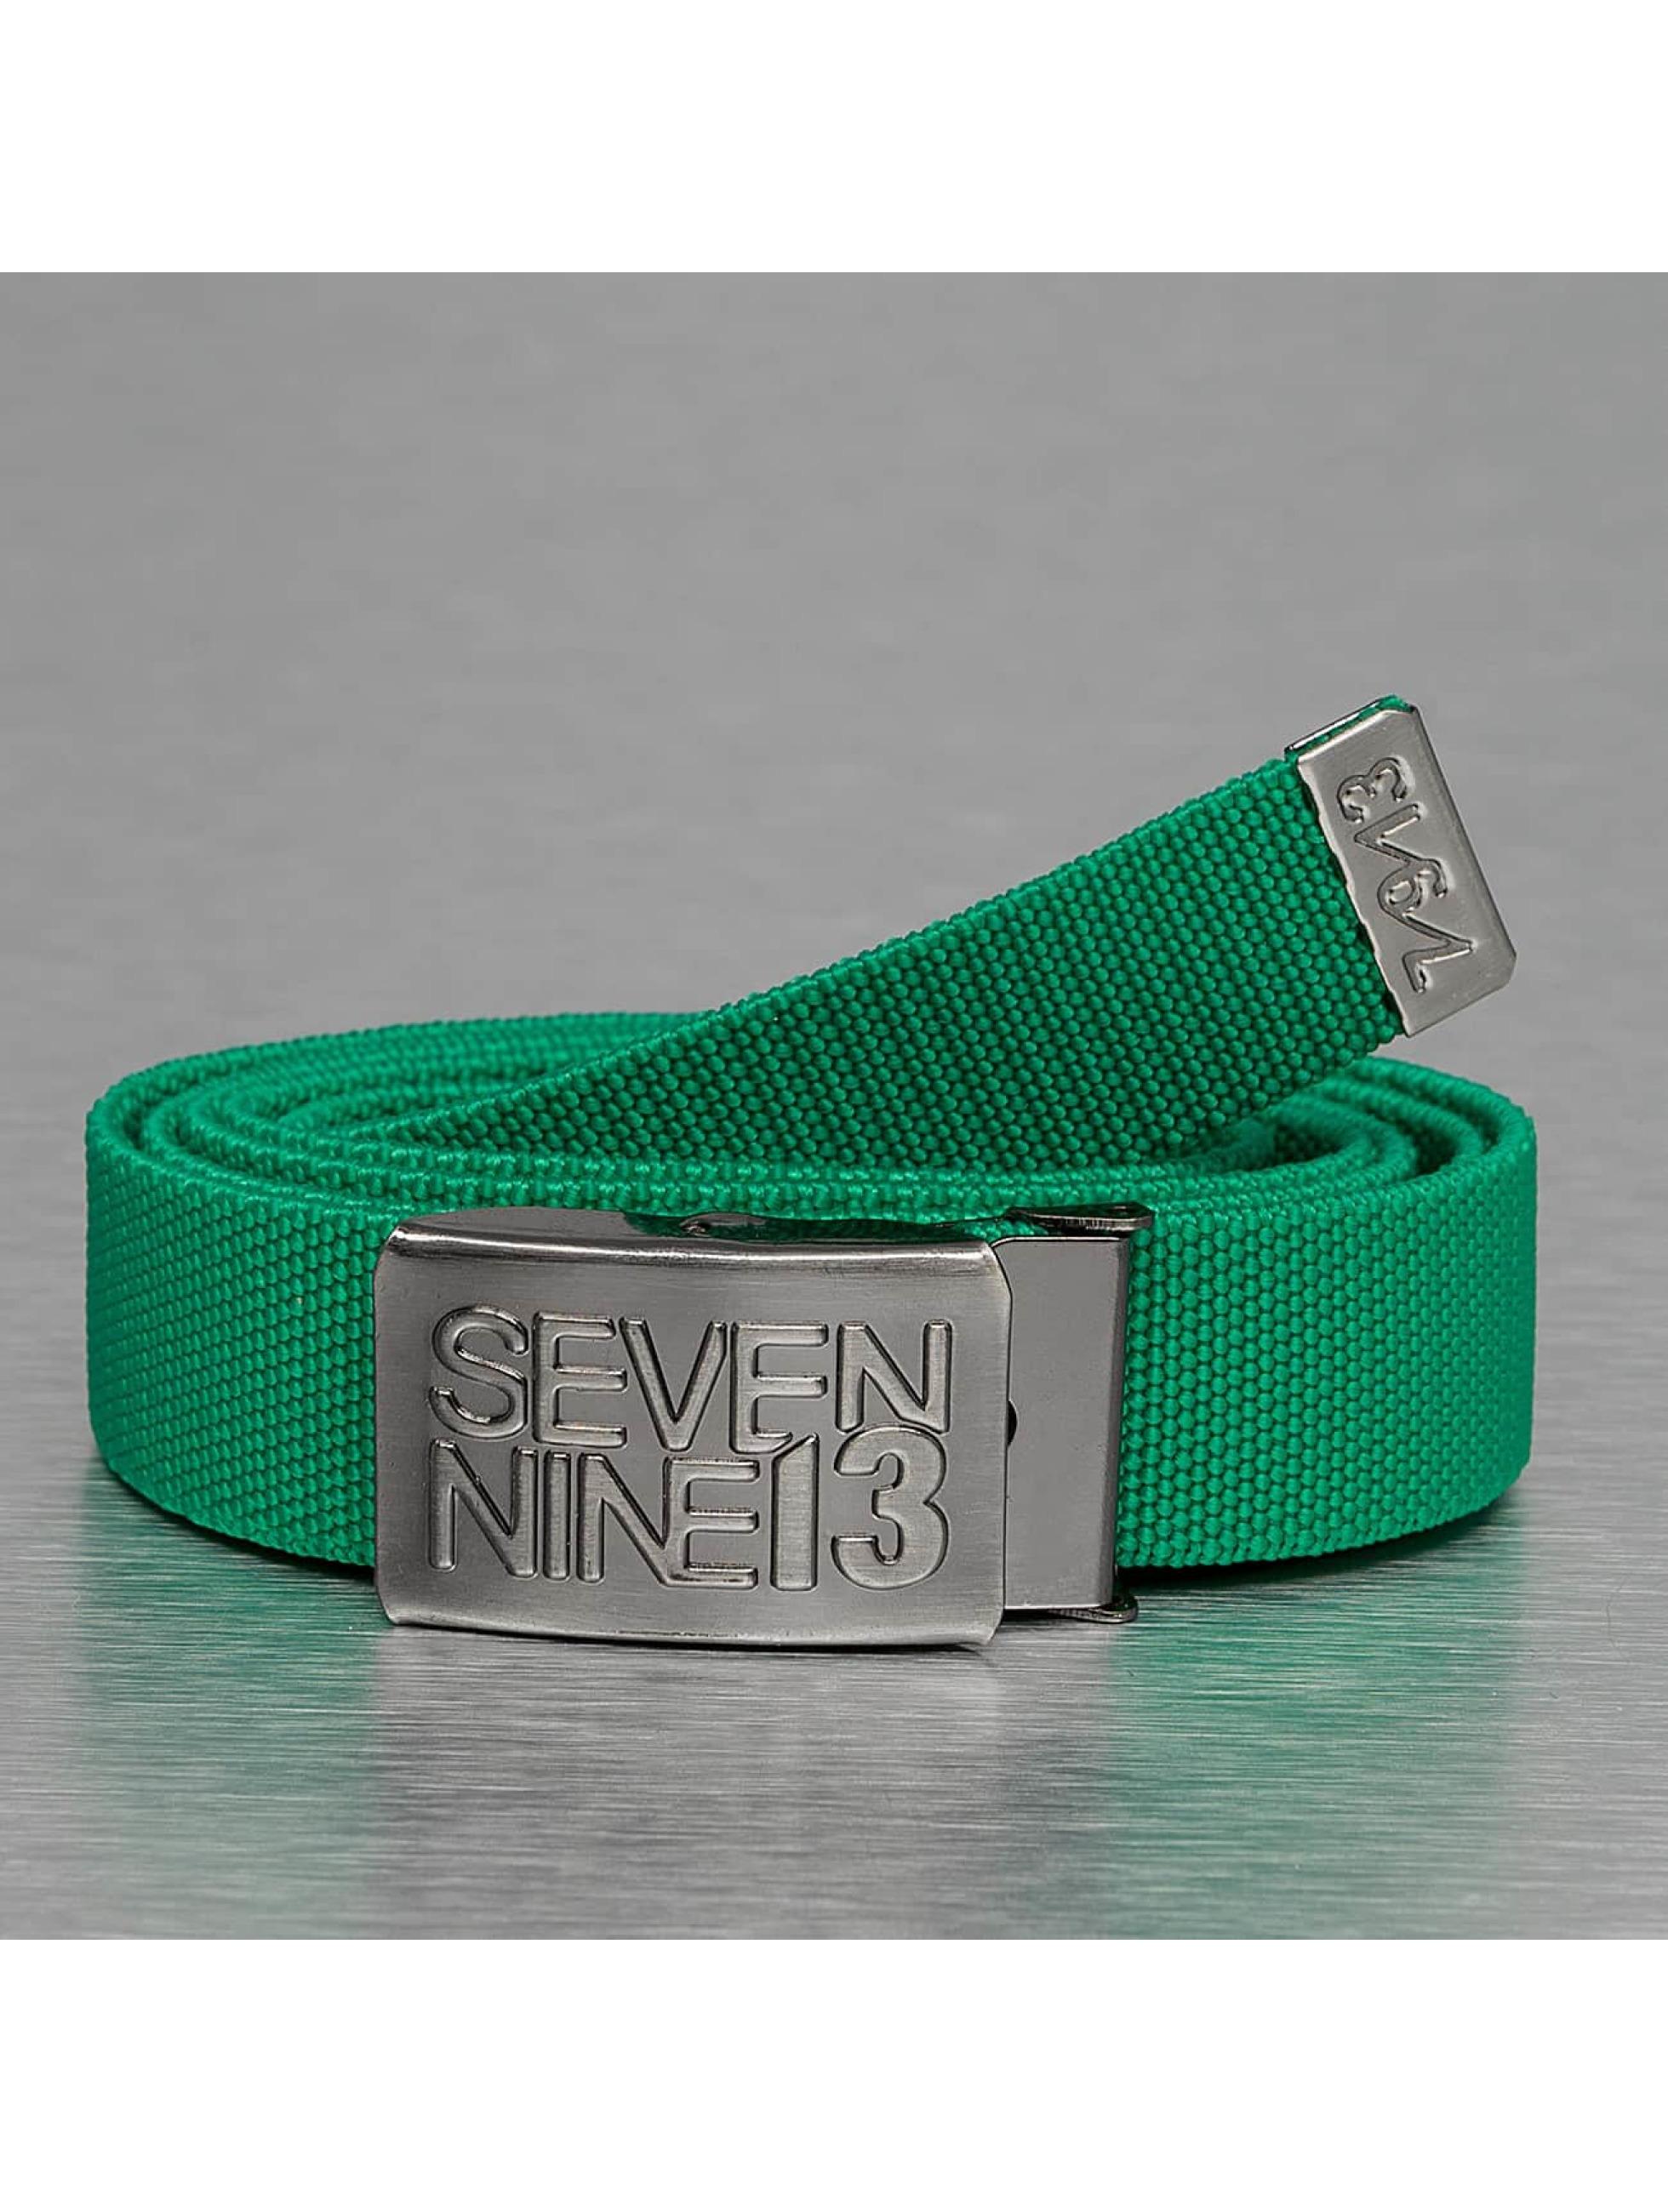 Seven Nine 13 Vyöt Jaws Stretch vihreä